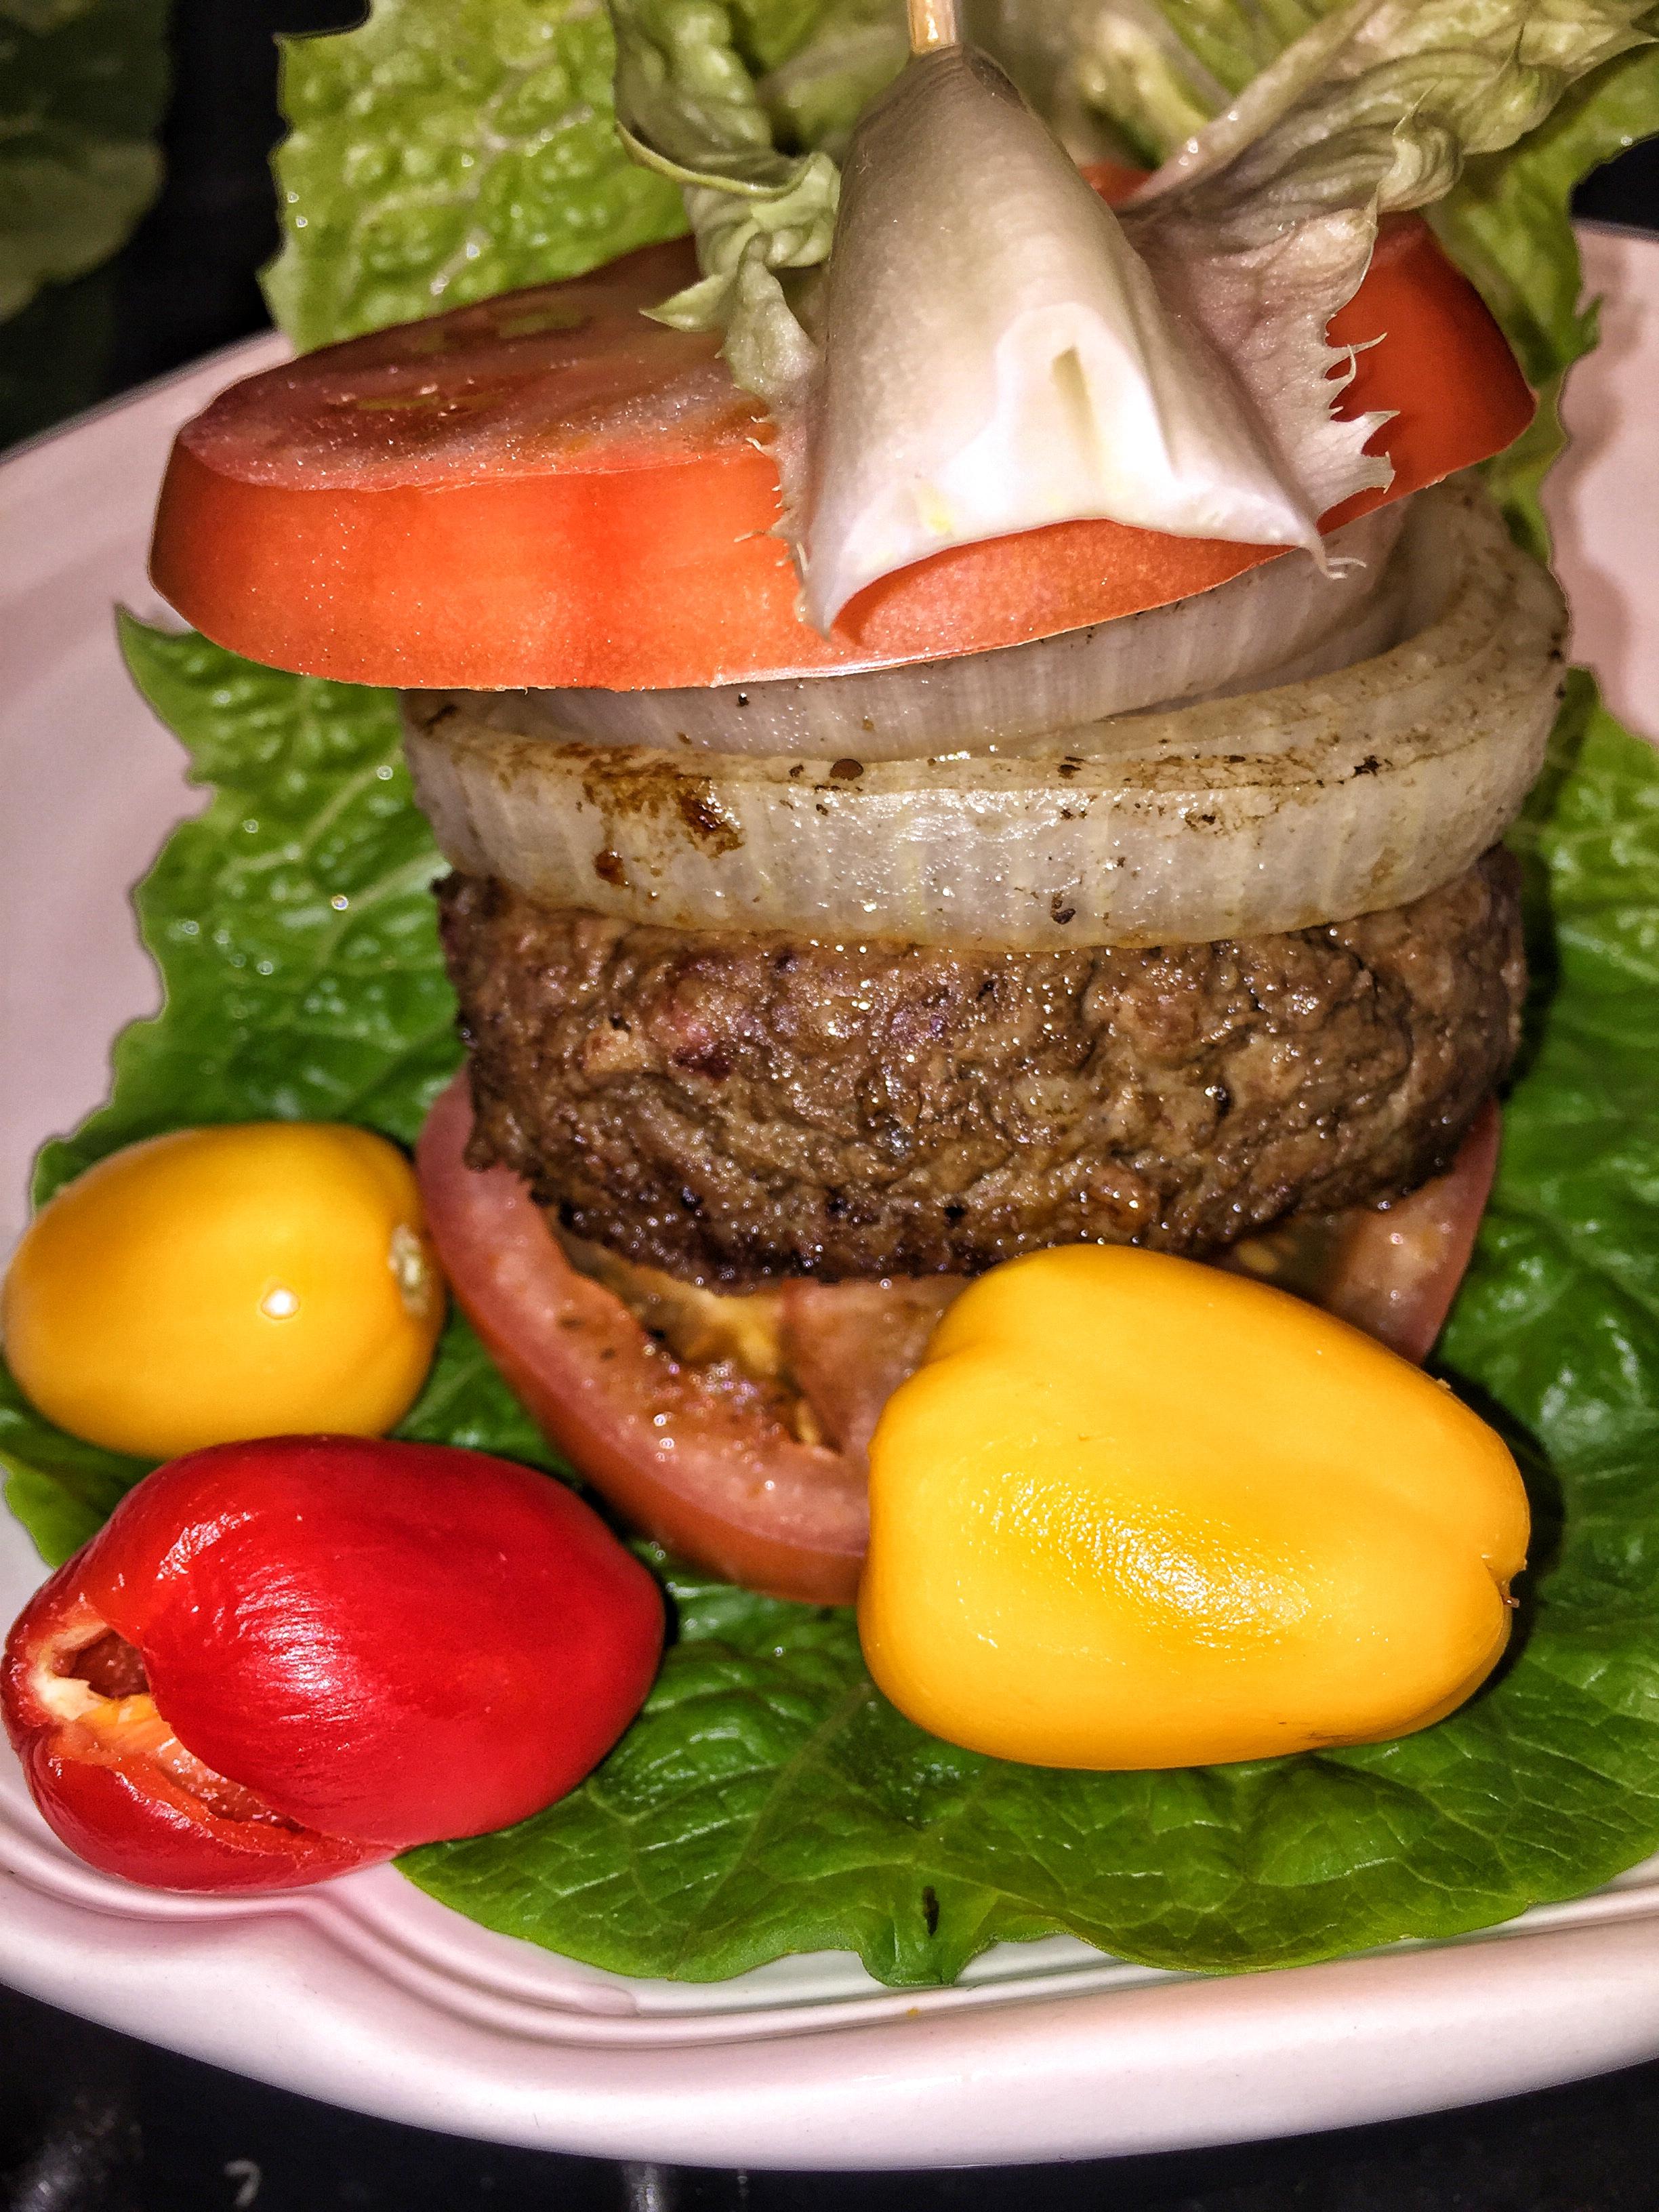 Classic burger with bacon, no bun!